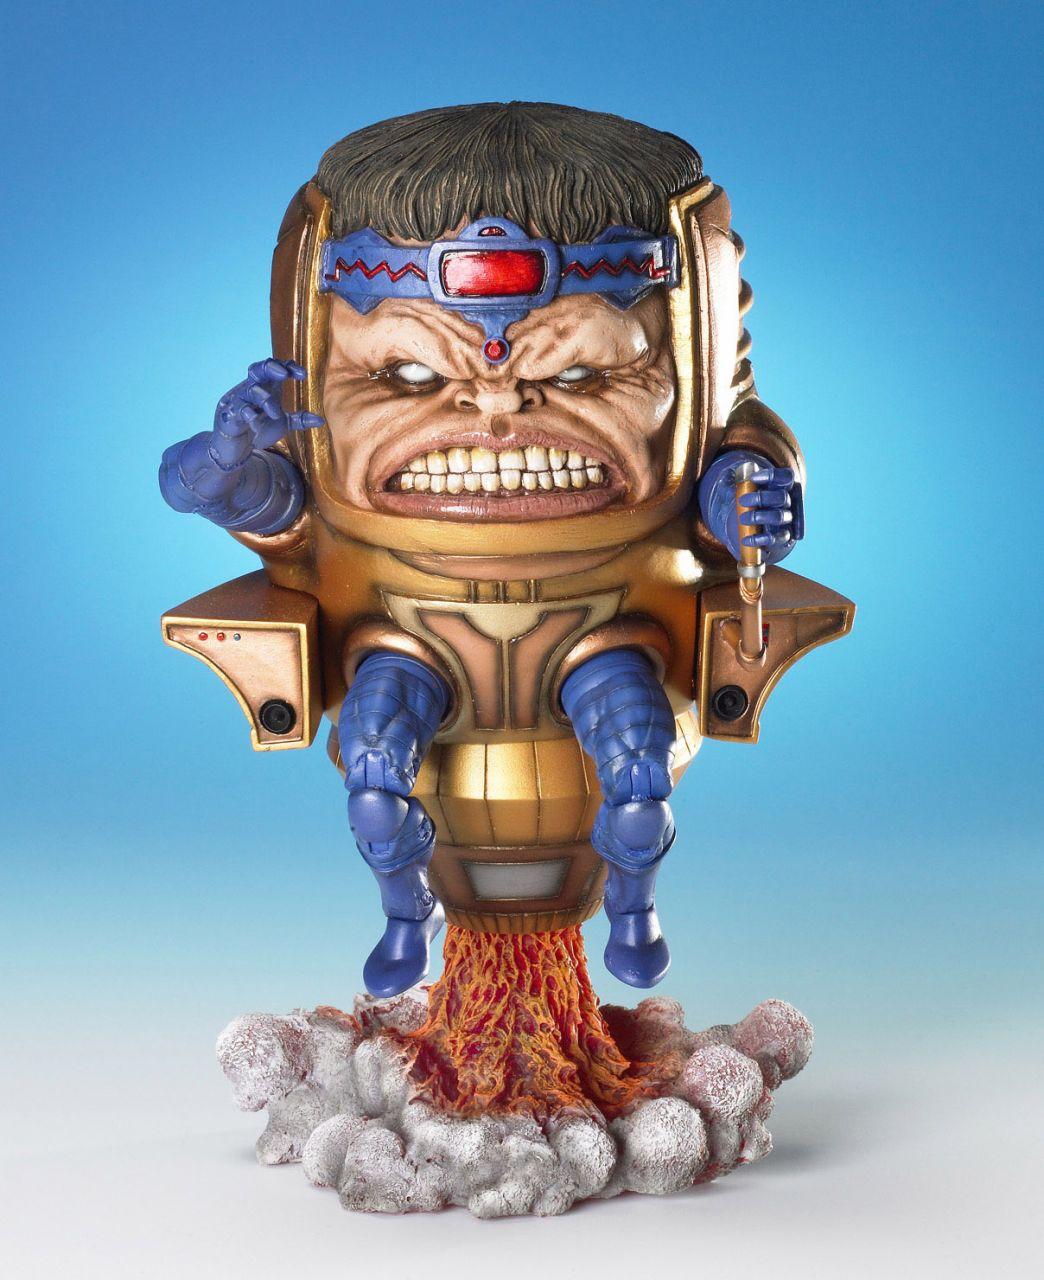 Toy Biz Marvel Legends Series Fifteen M O D O K